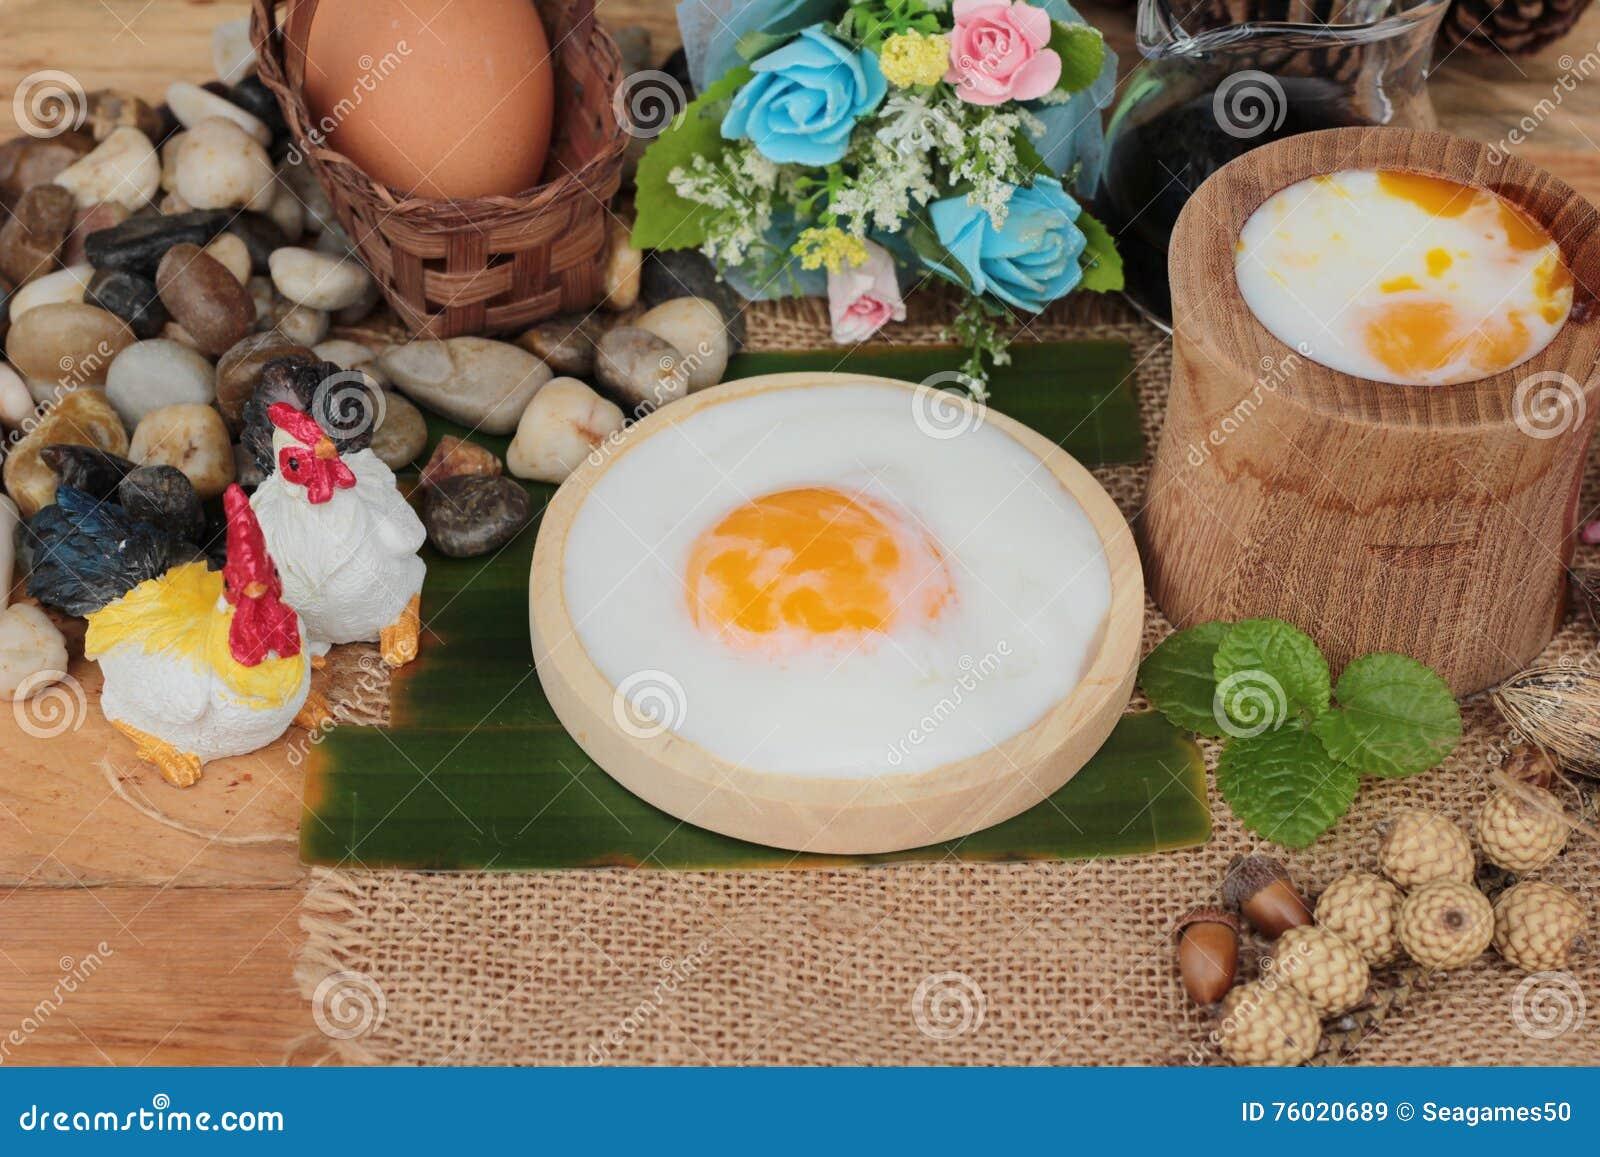 Cuanto hay que hervir un huevo pasado por agua